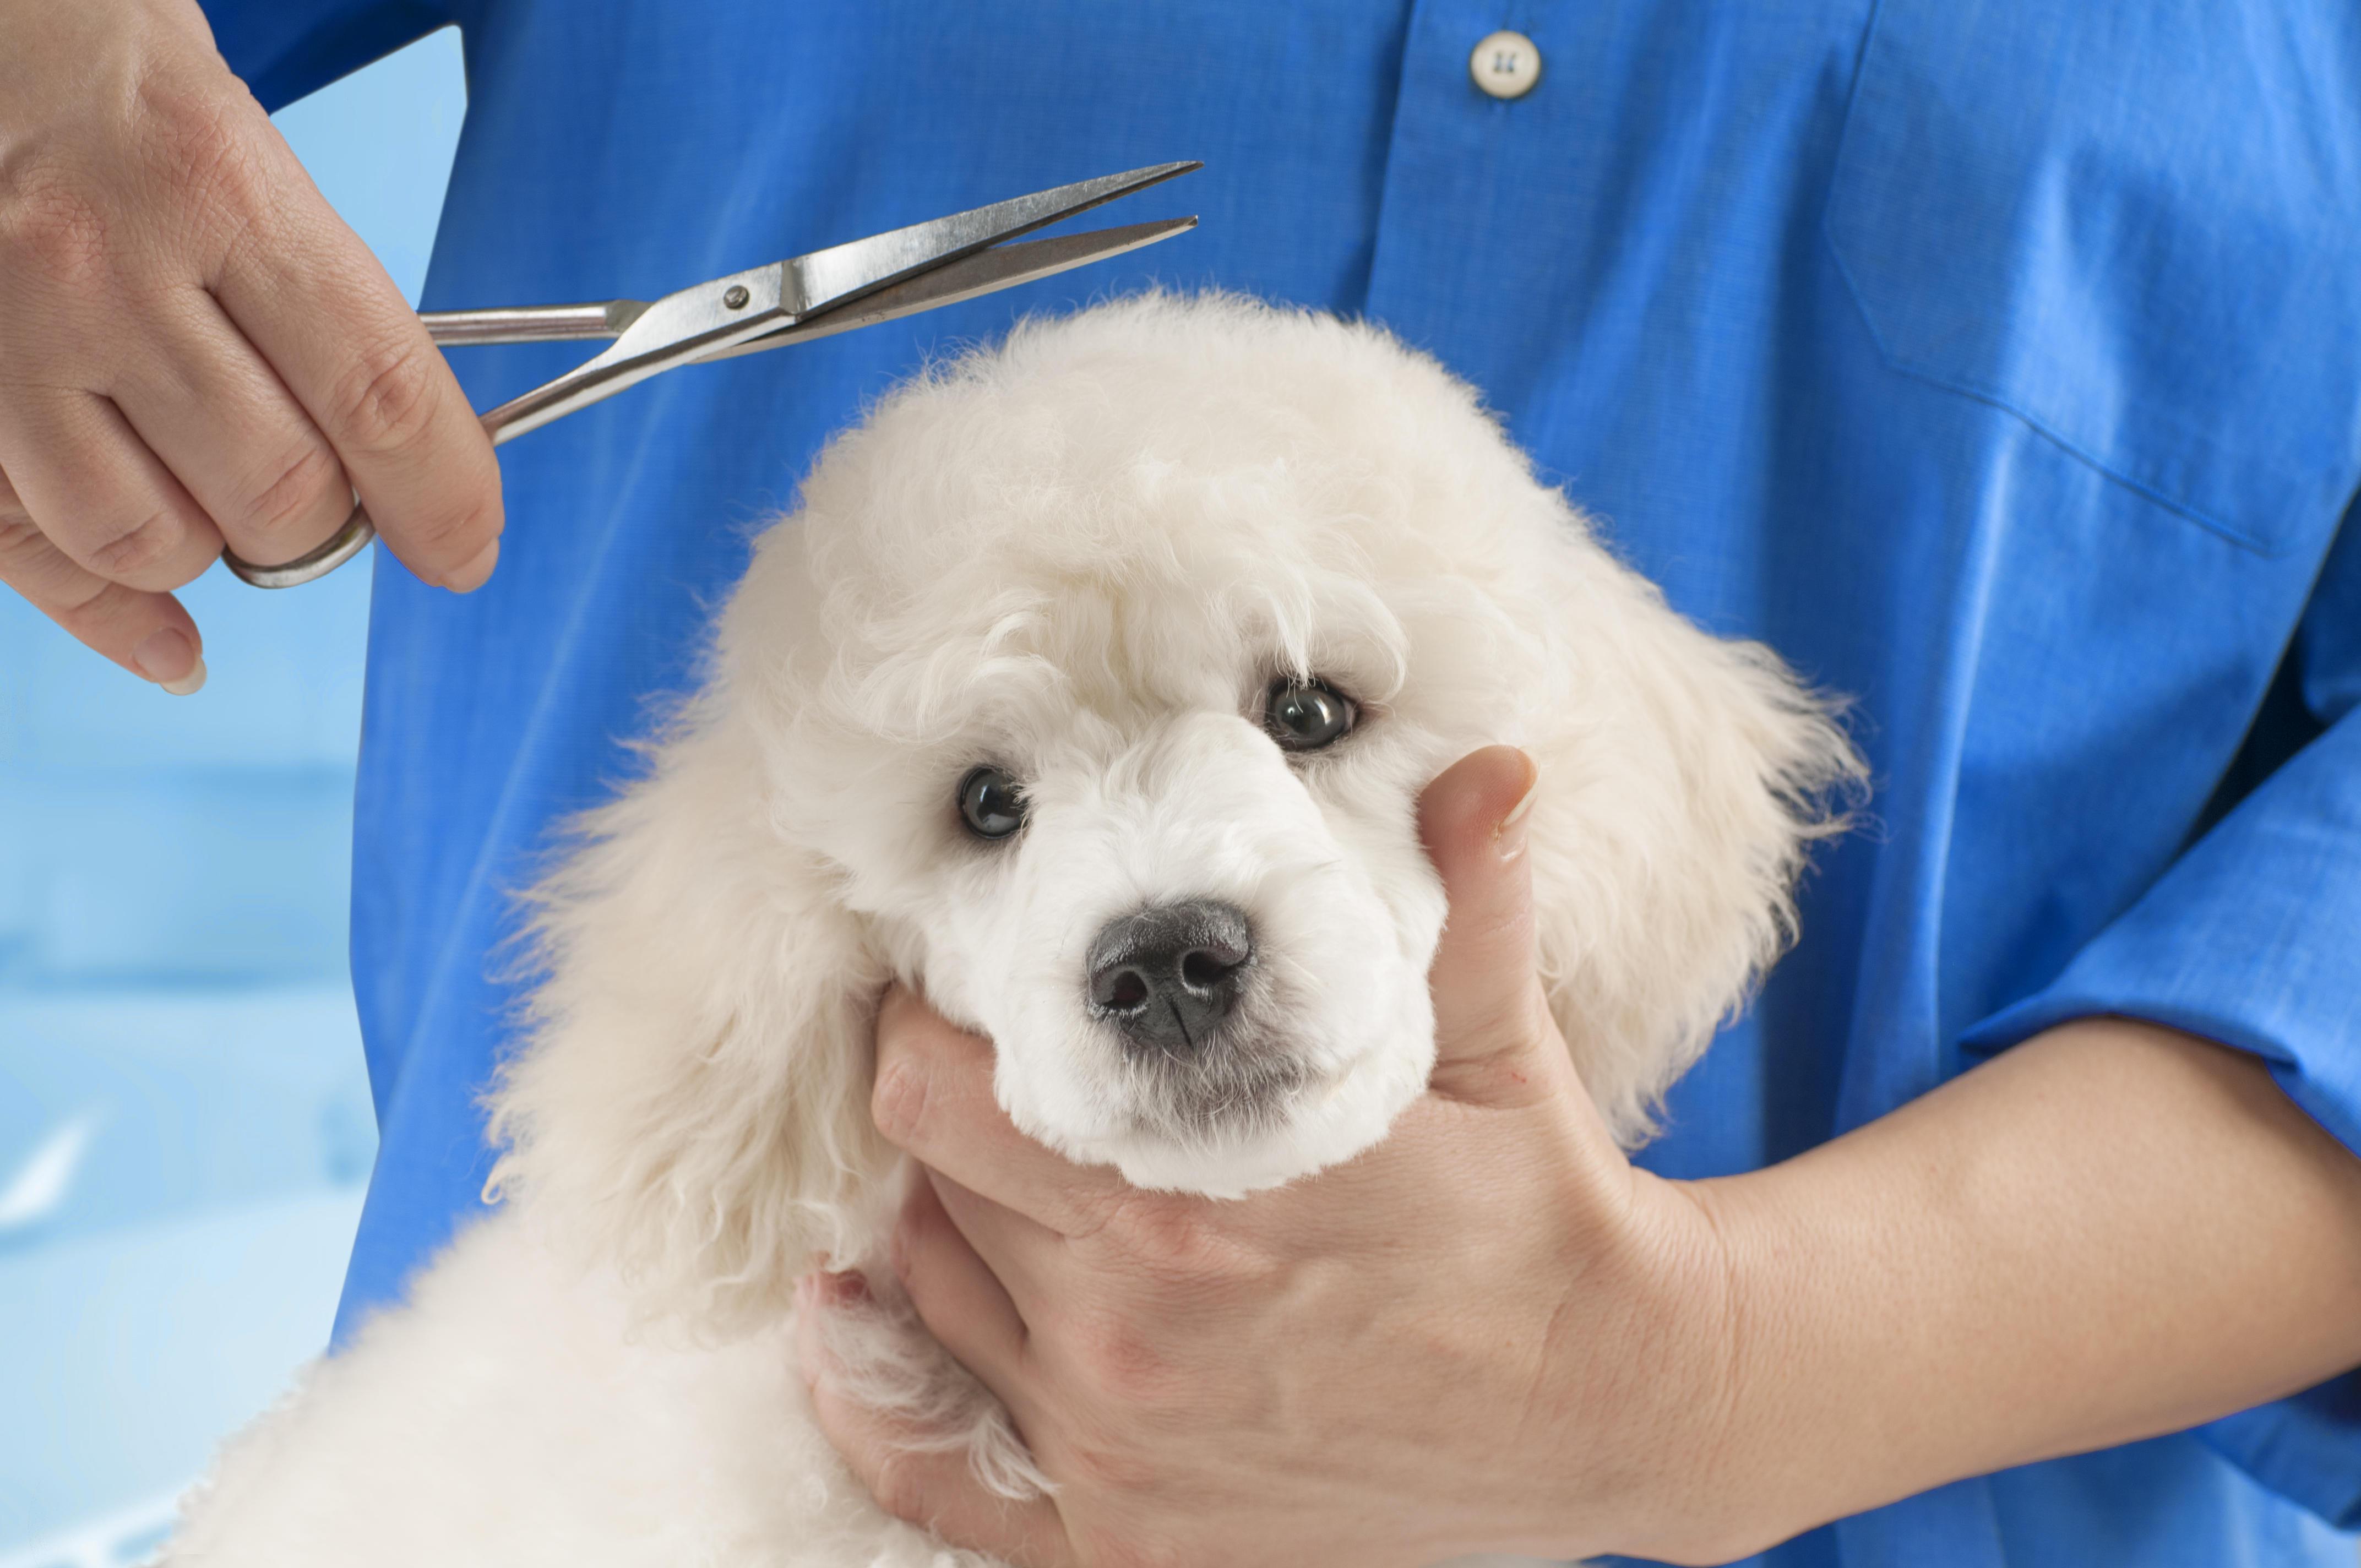 Perché non si deve tagliare il pelo del cane?